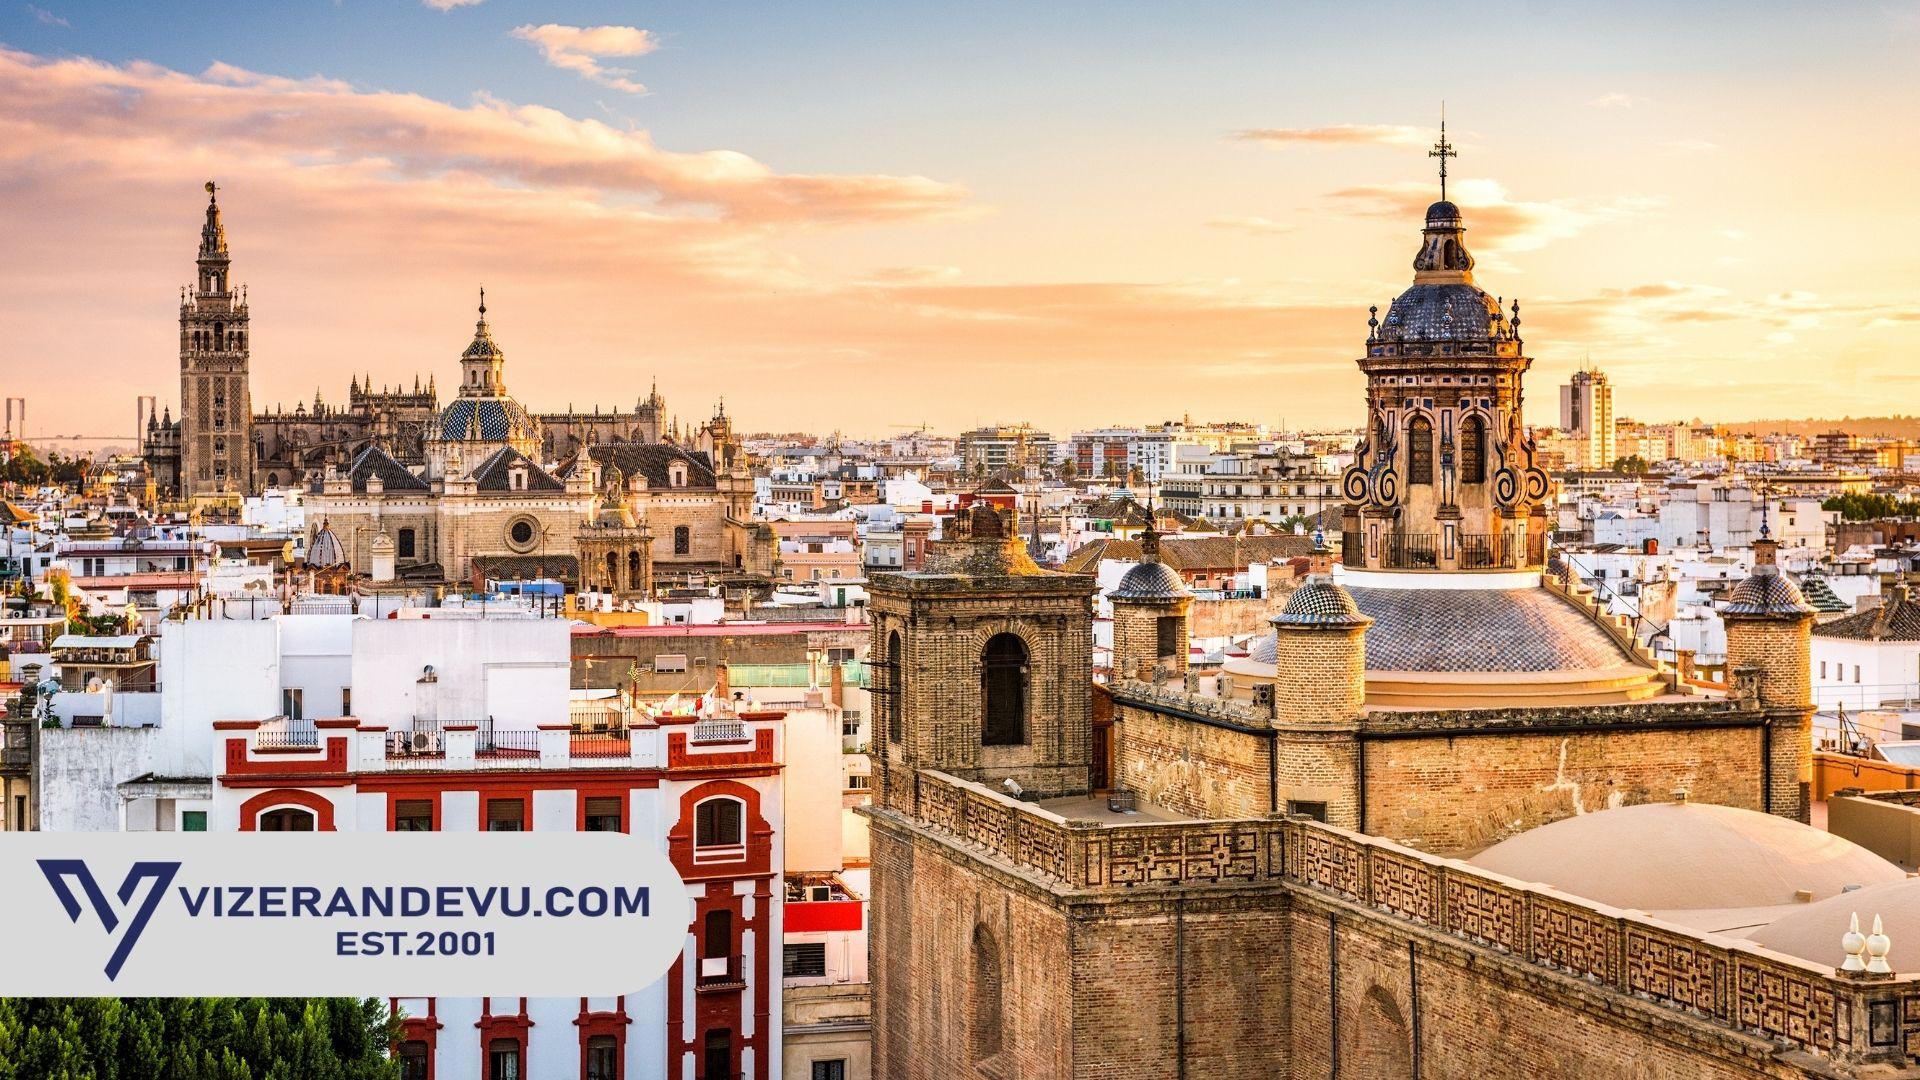 İspanya - Vize İşlemleri